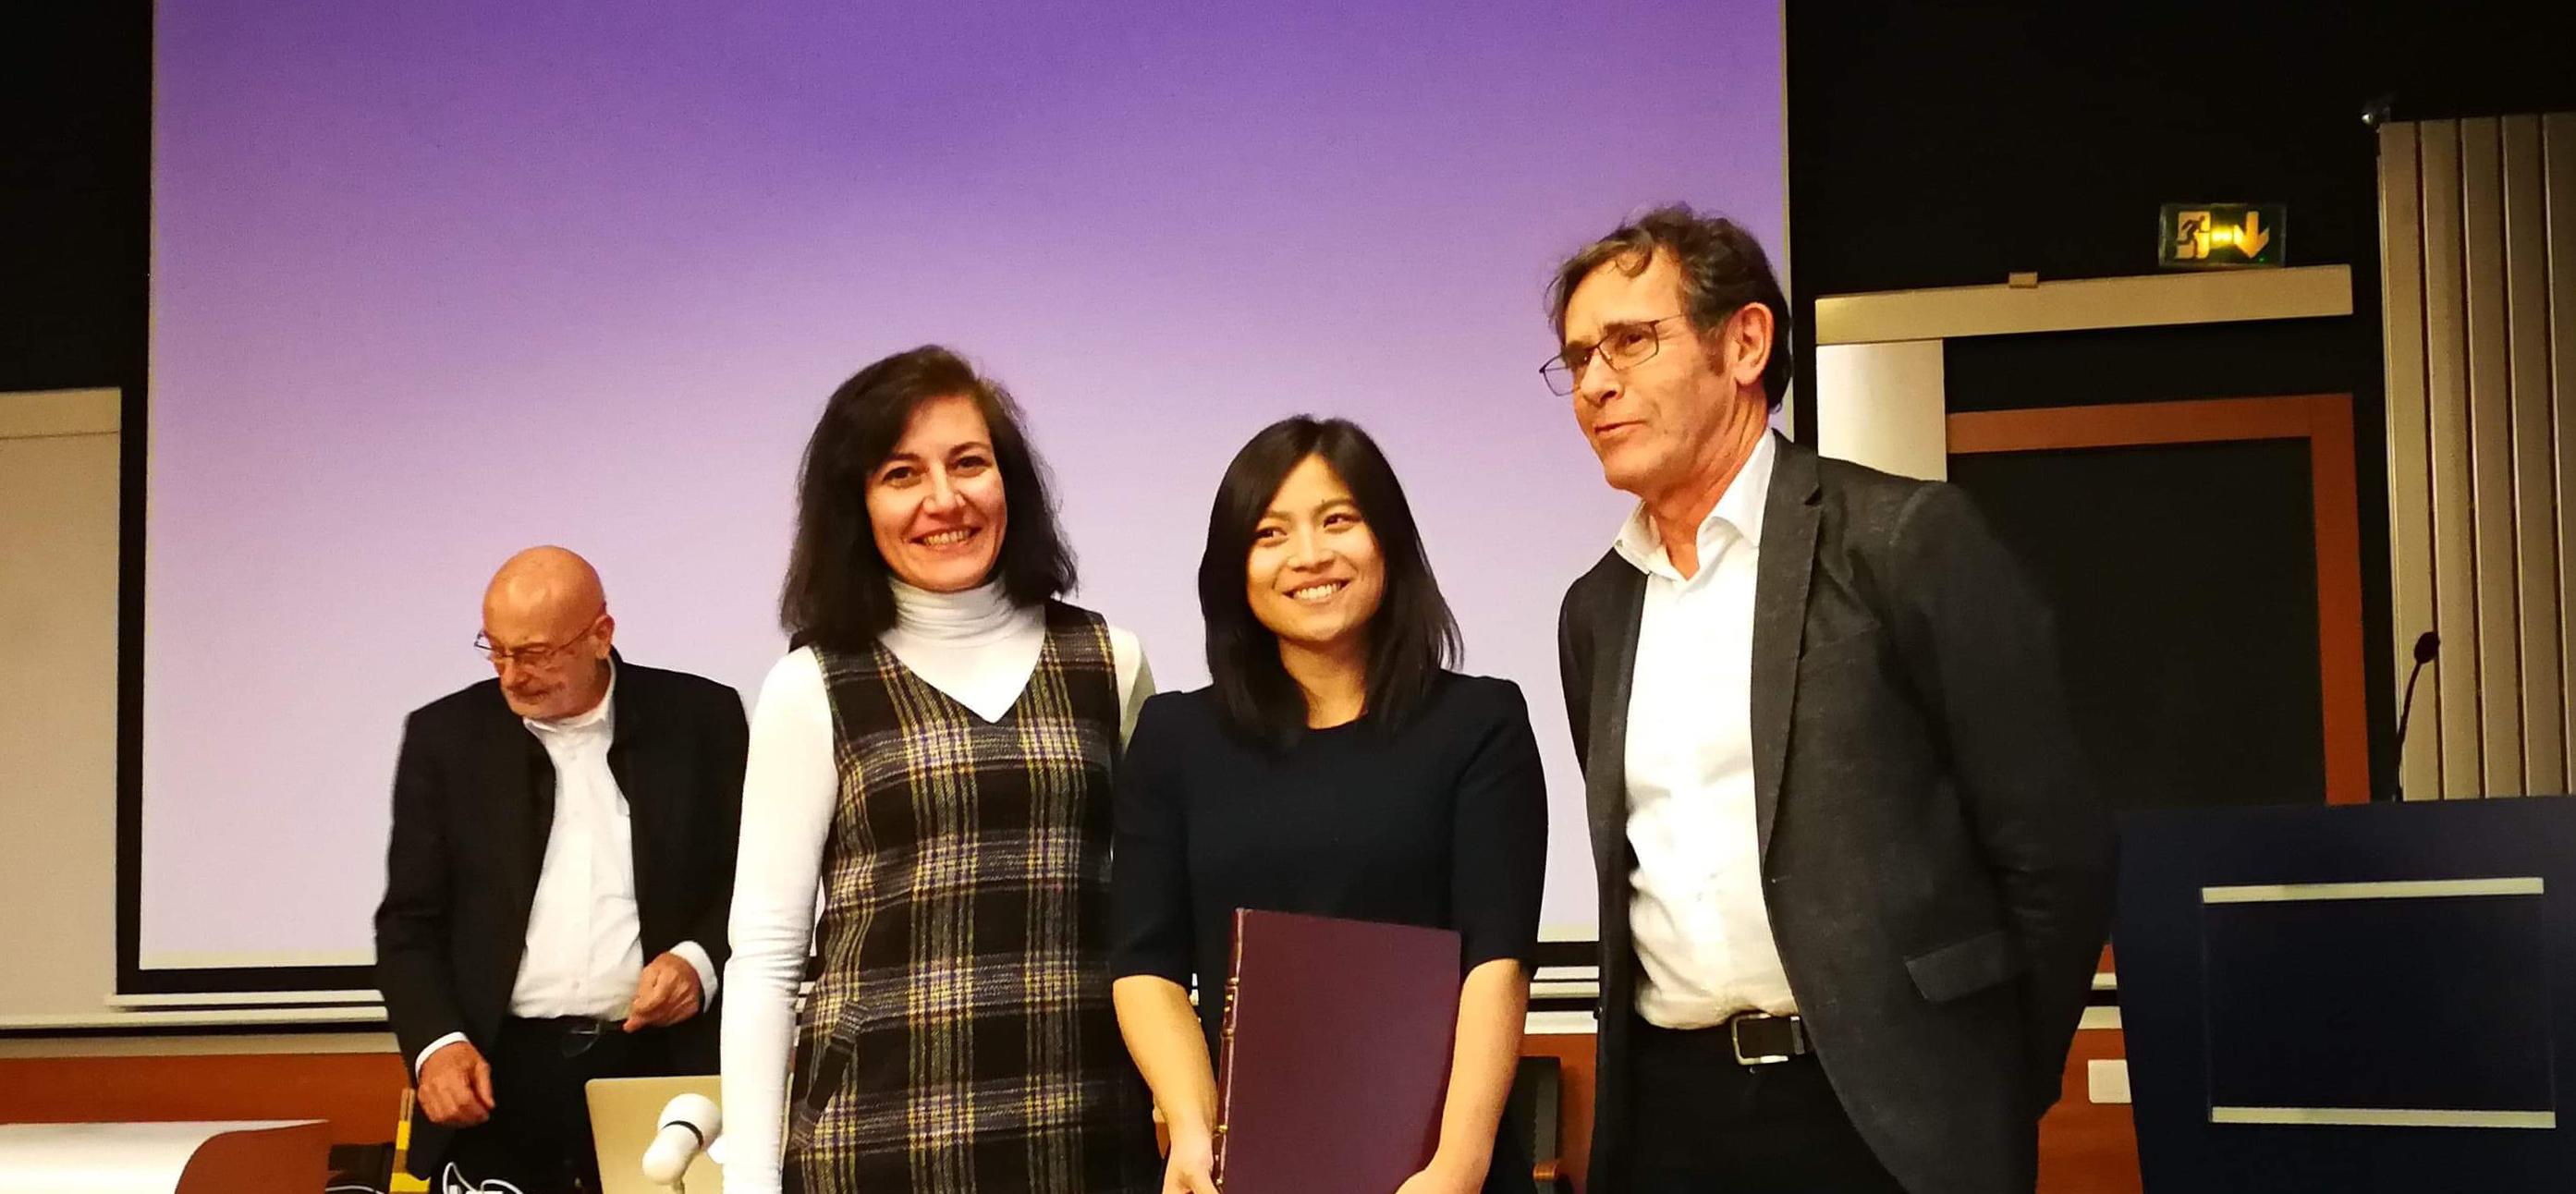 Cérémonie du Prix de thèse 2018 de la Fondation Nanosciences